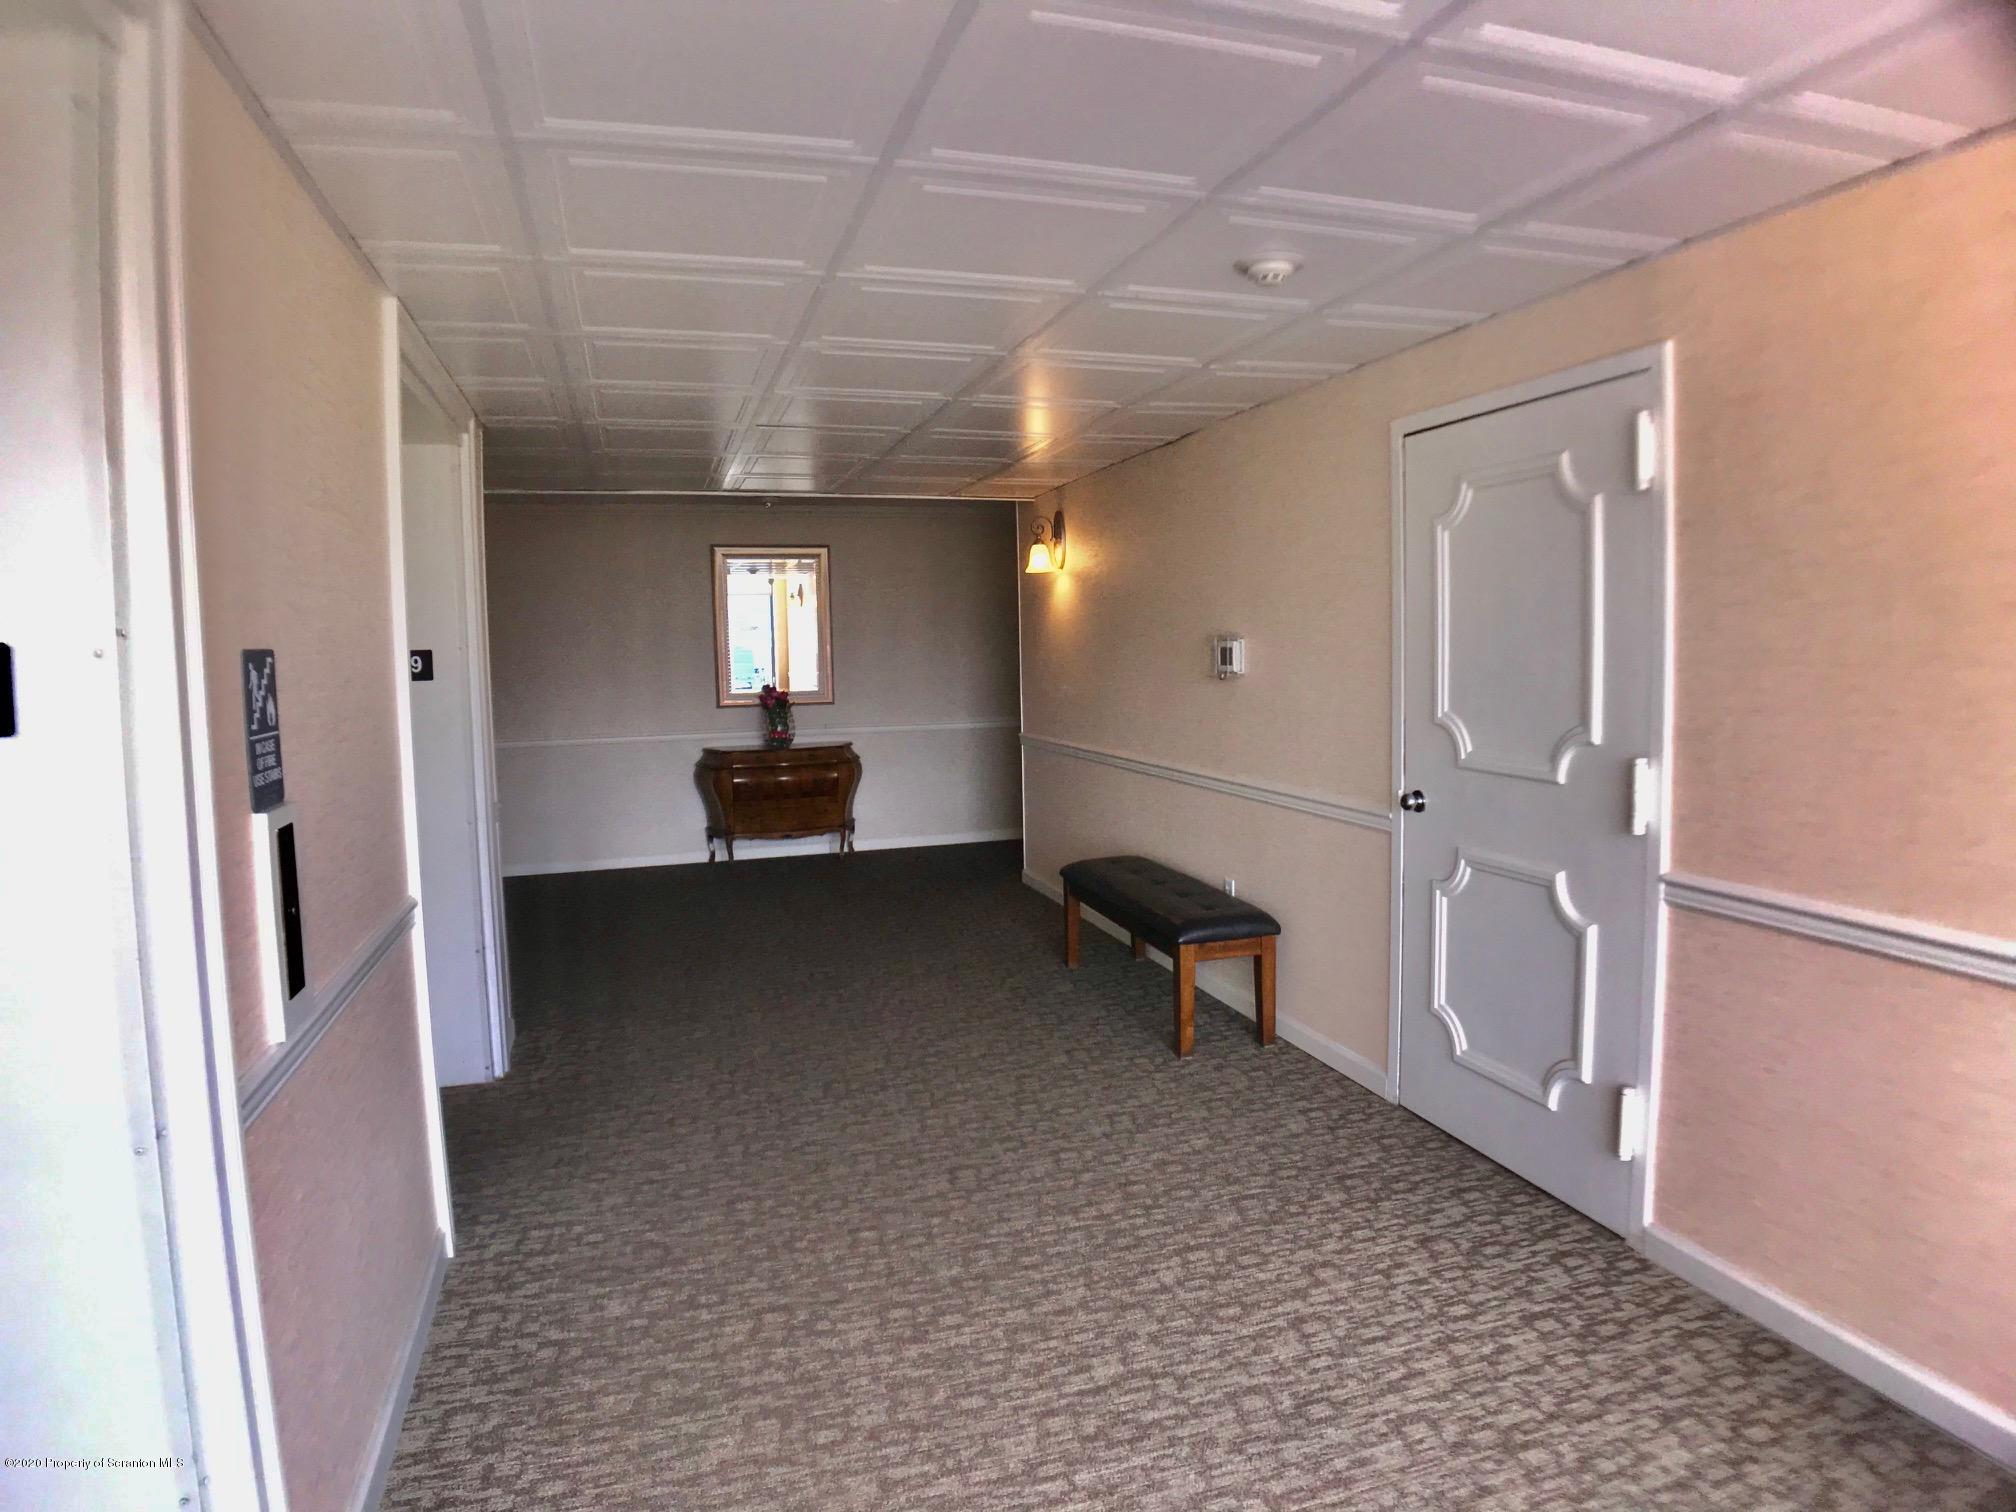 220 Linden St, Scranton, Pennsylvania 18503, 1 Bedroom Bedrooms, 3 Rooms Rooms,1 BathroomBathrooms,Residential - condo/townhome,For Sale,Linden,20-1129